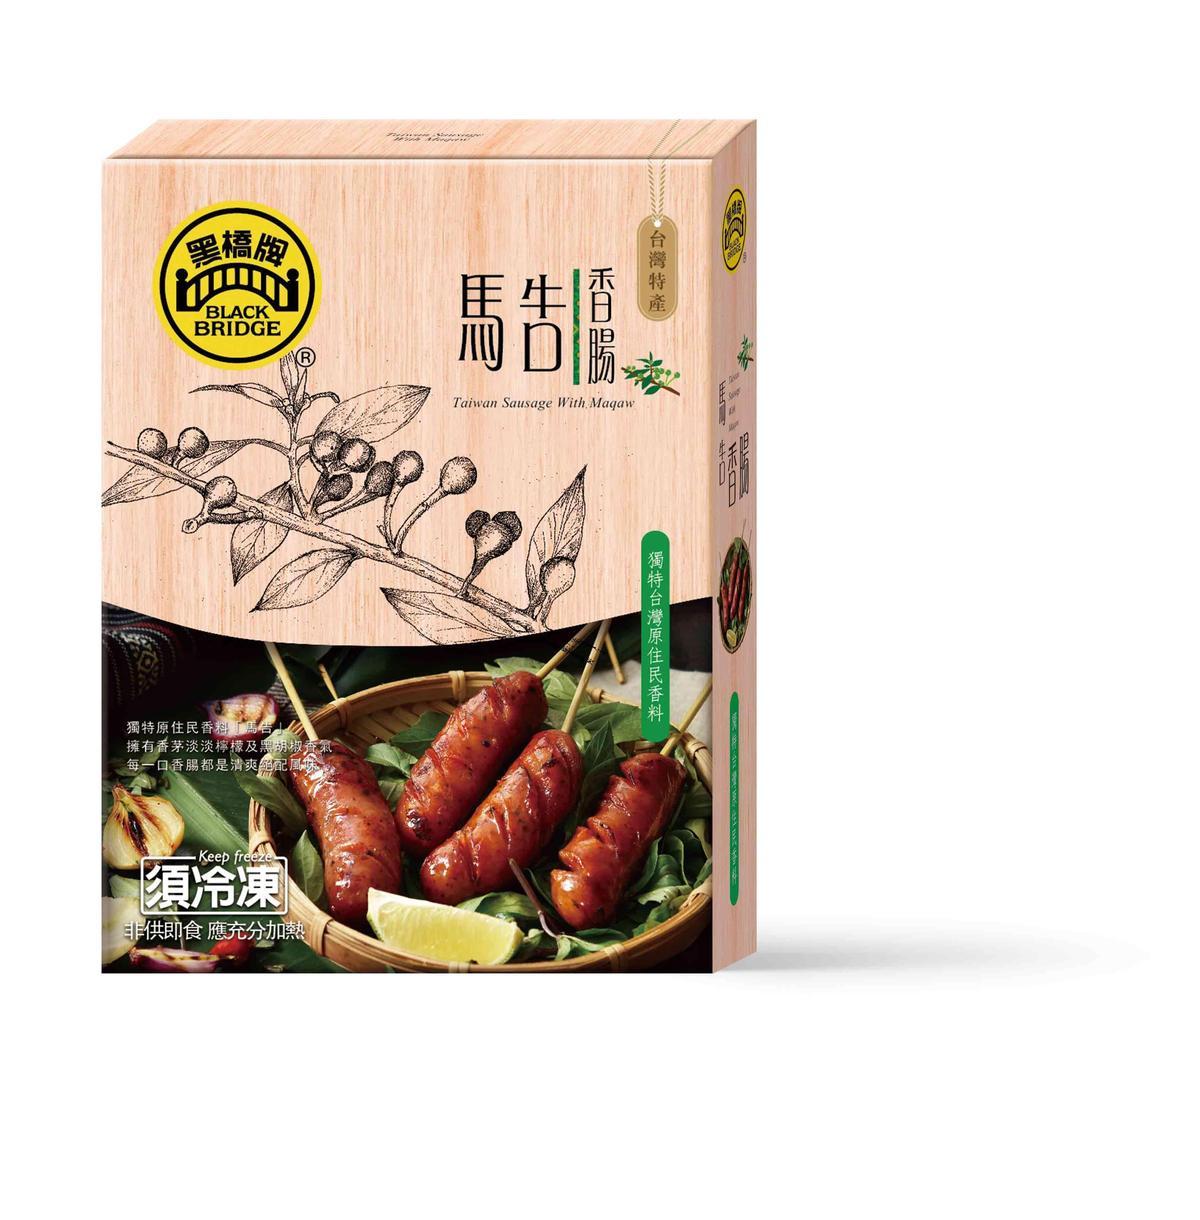 黑橋牌今年新推出的「馬告香腸」,包裝也跟以往不同。(黑橋牌提供)